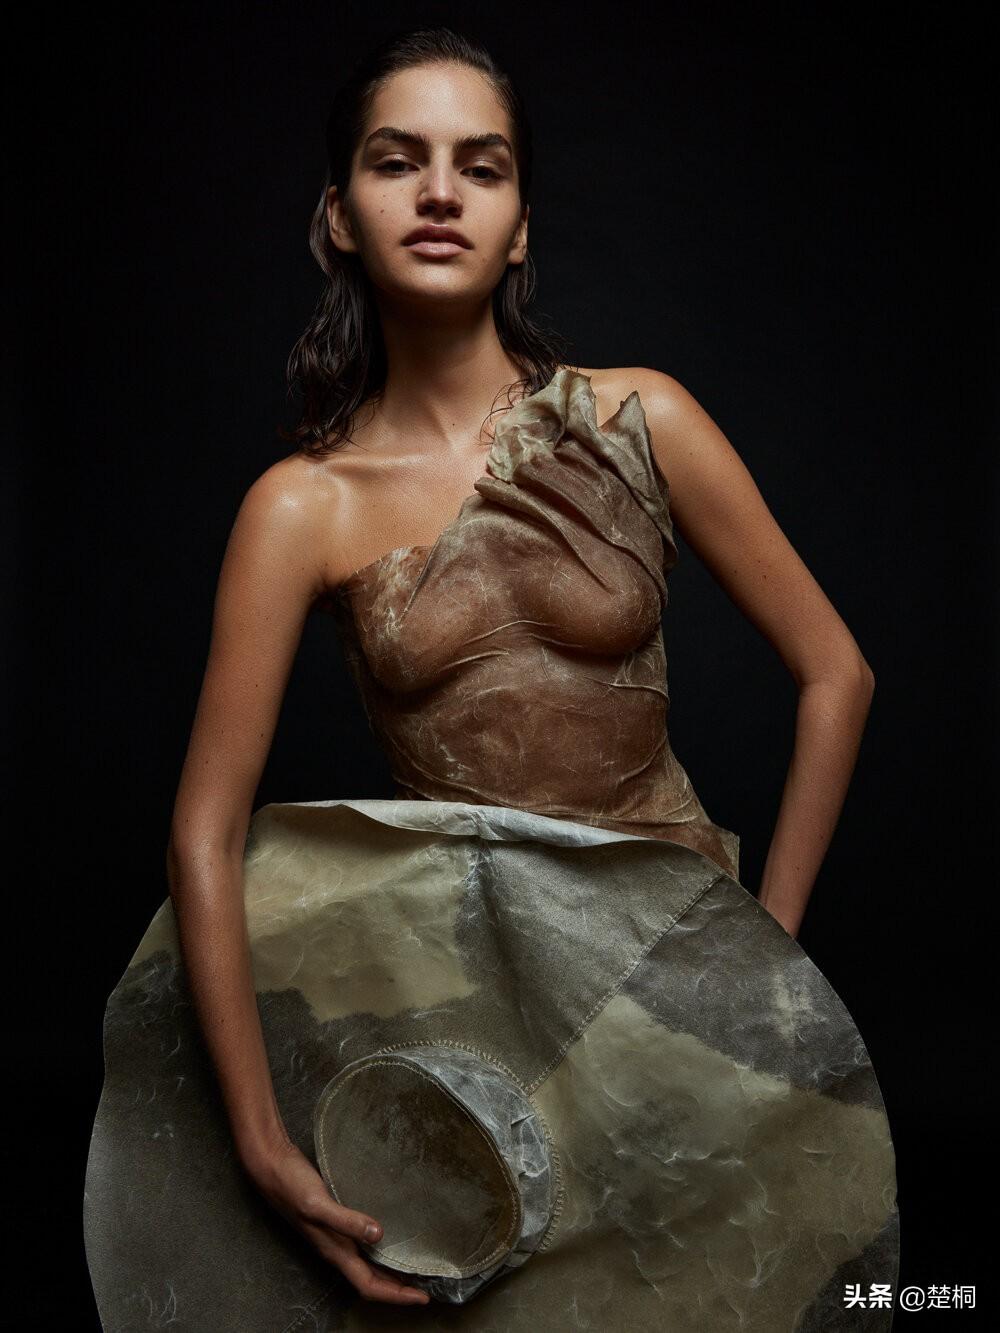 瑞典超模摩杰·西尼克,瑞典版《ELLE》雕塑造型时尚摄影